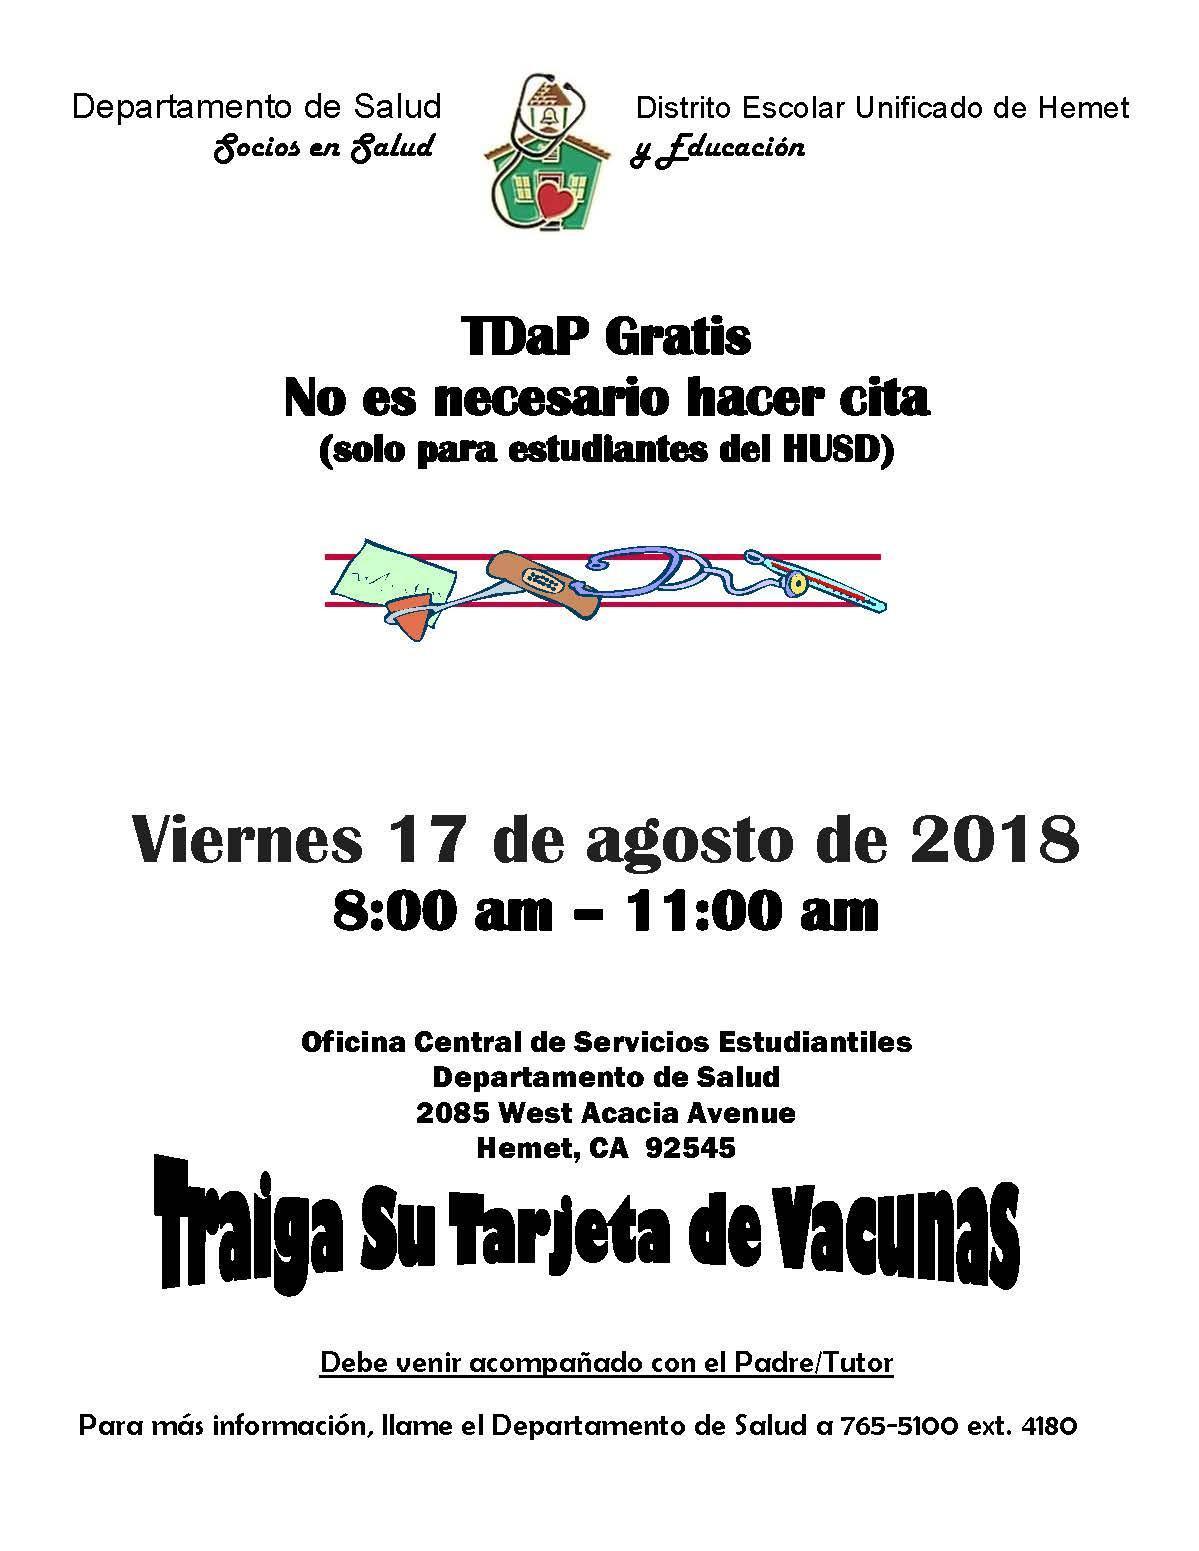 TDaP Gratis No es necesario hacer cita (solo para estudiantes del HUSD)  Viernes 17 de agosto de 2018 8:00 am – 11:00 am